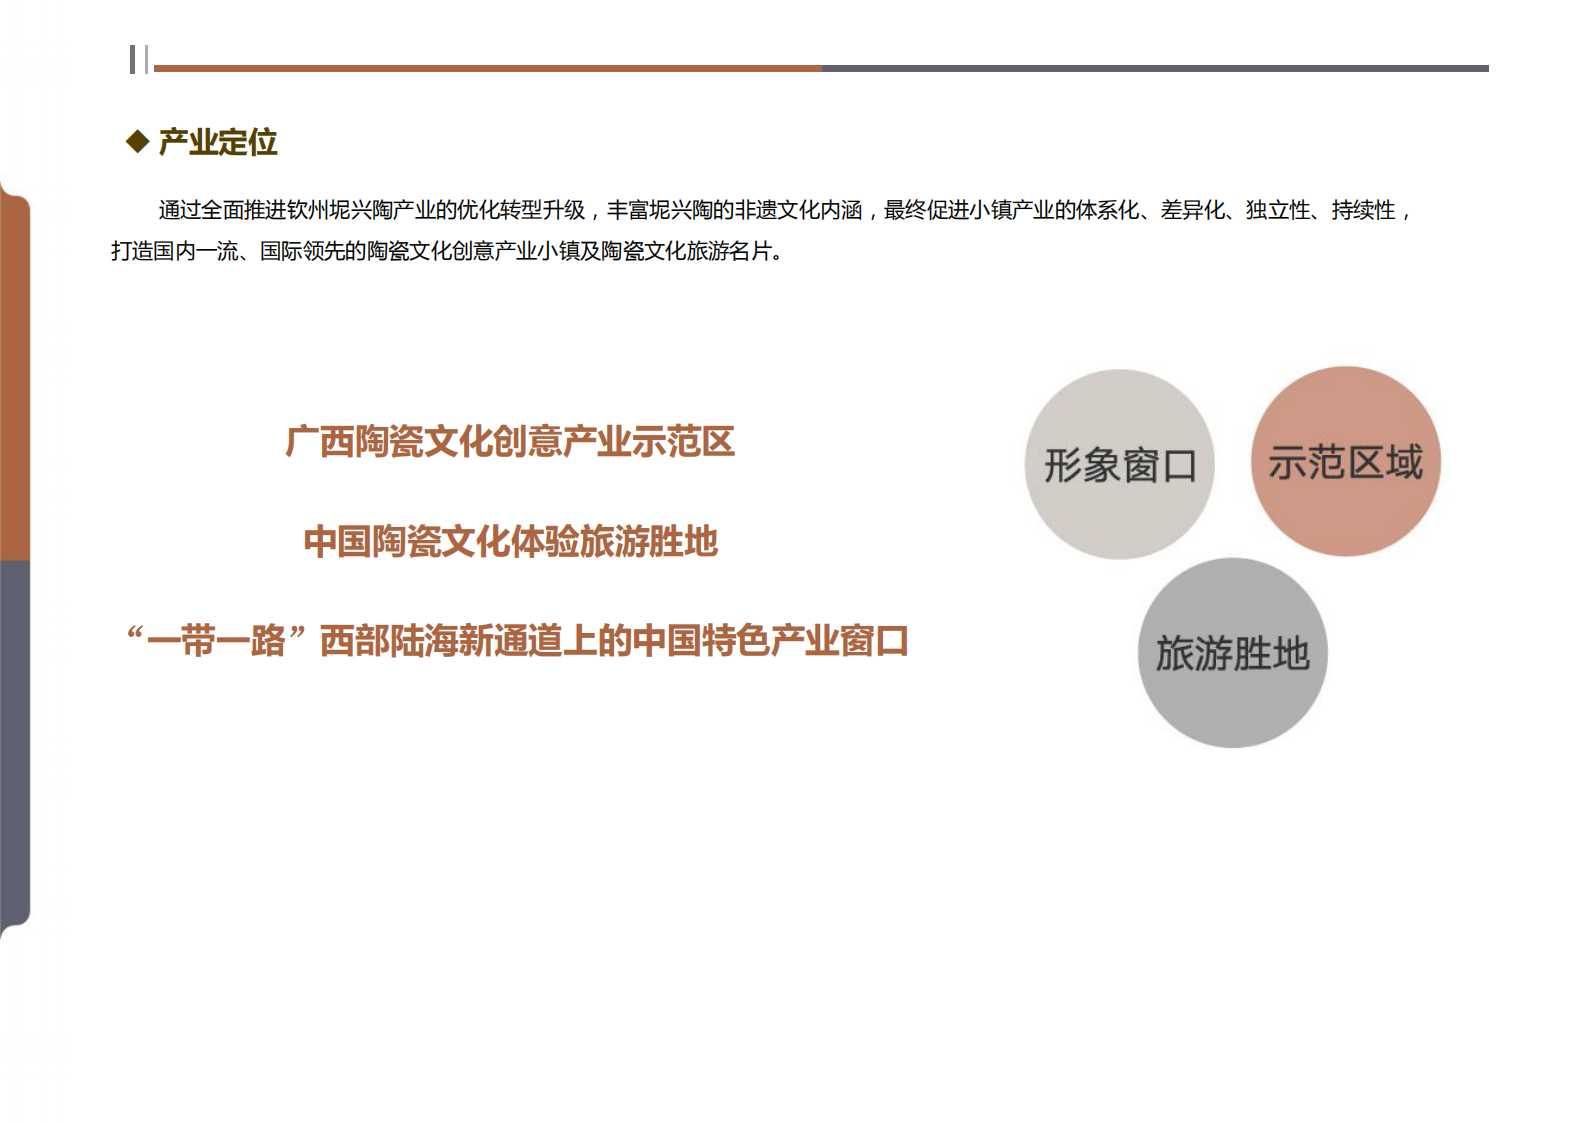 钦州坭兴陶特色小镇项目简介(4)_21.png